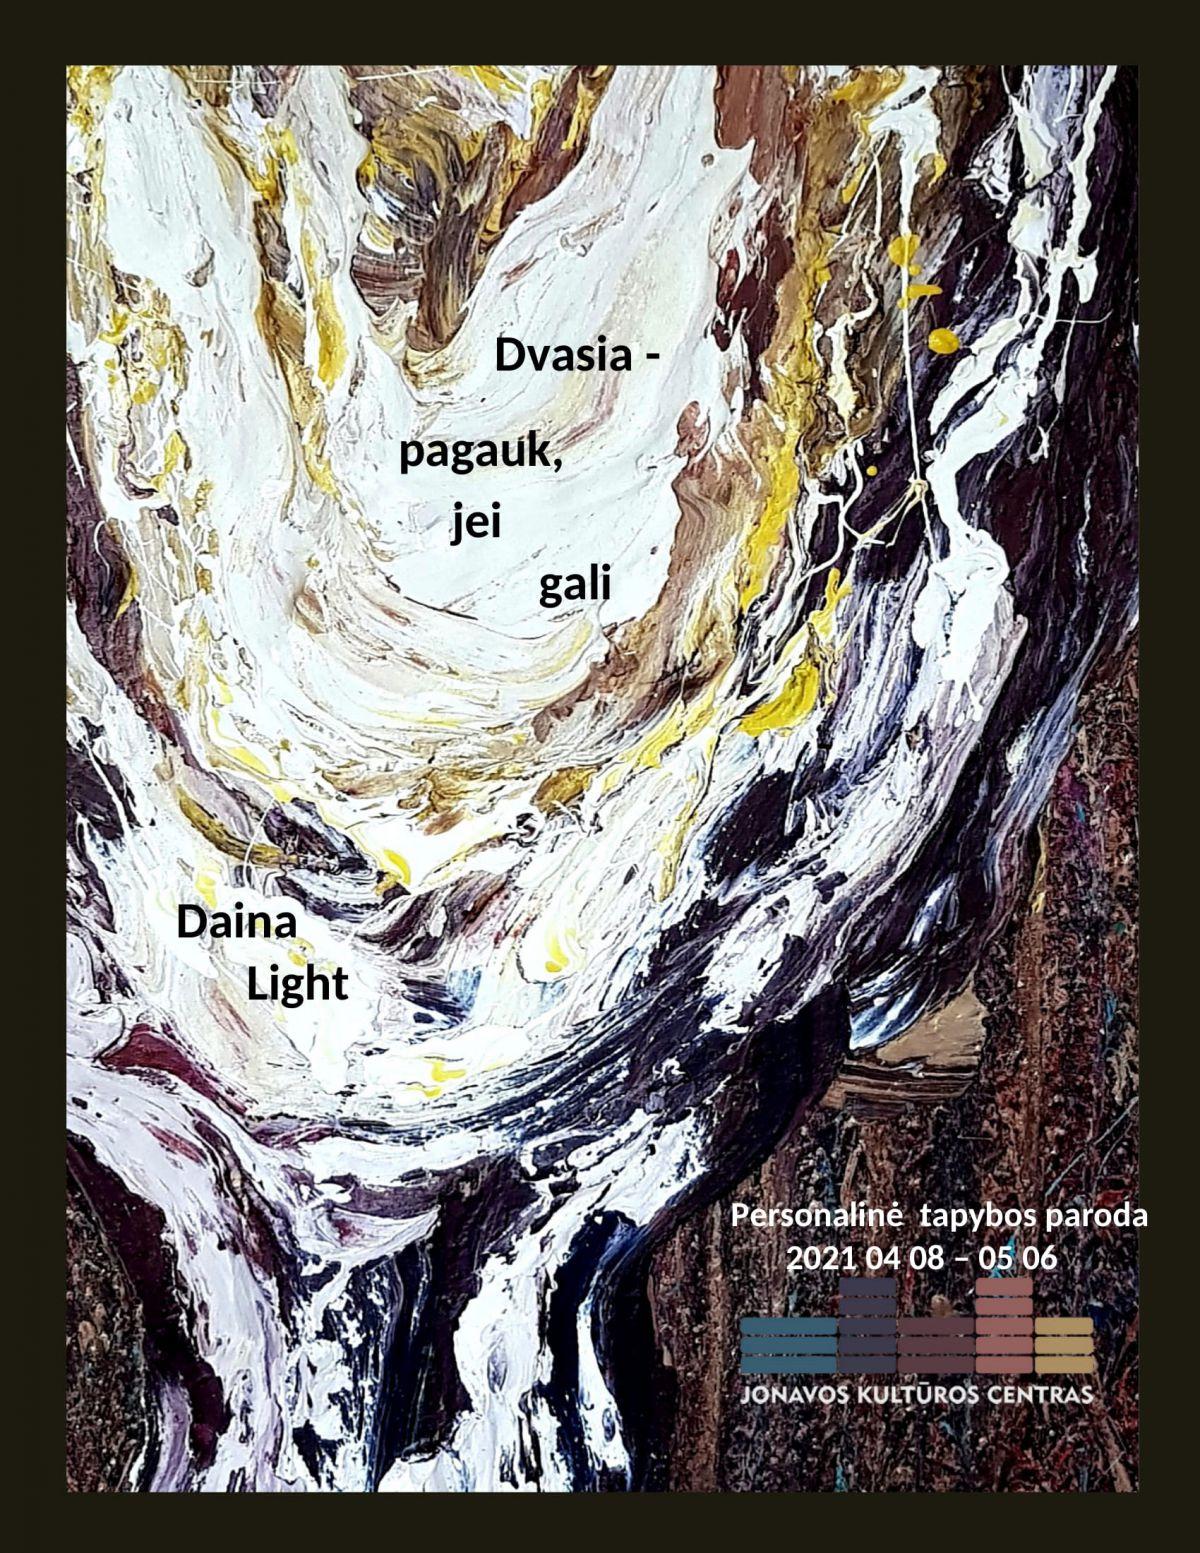 """Dainos Light personalinė tapybos paroda """"Dvasia – pagauk jei gali"""""""